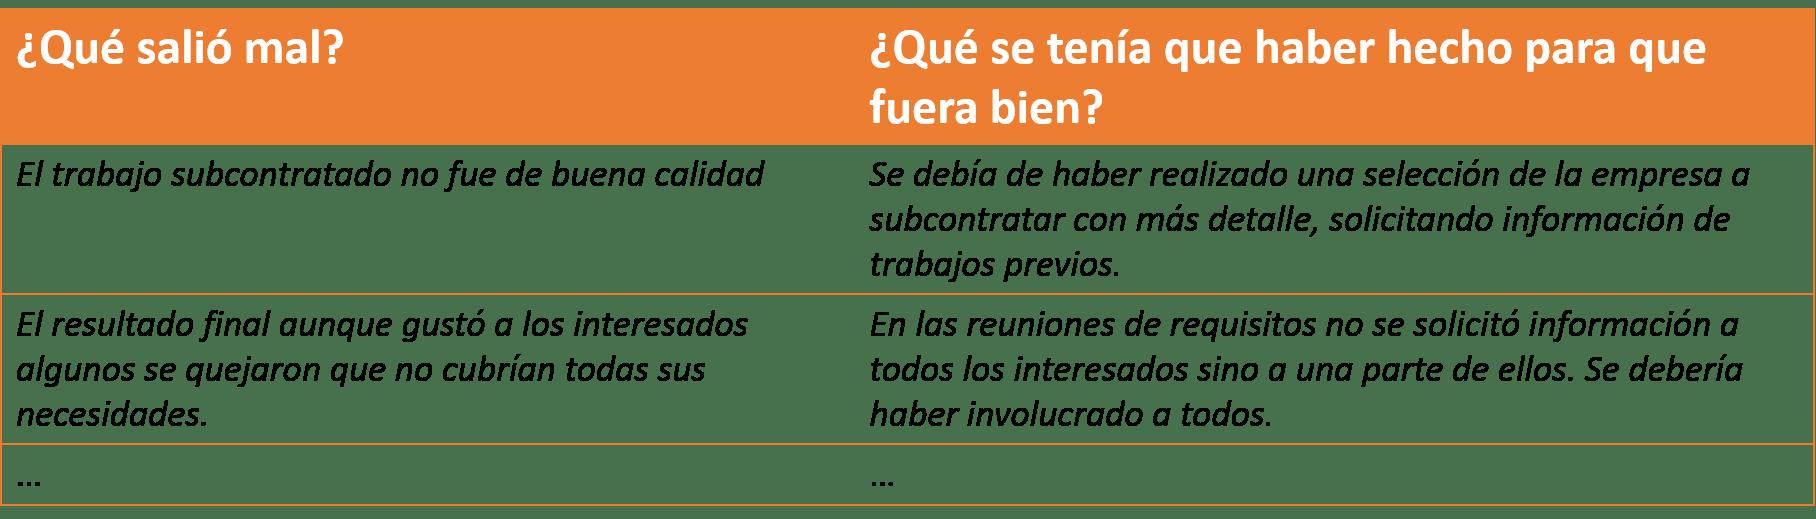 LeccionesAprendidas_mal